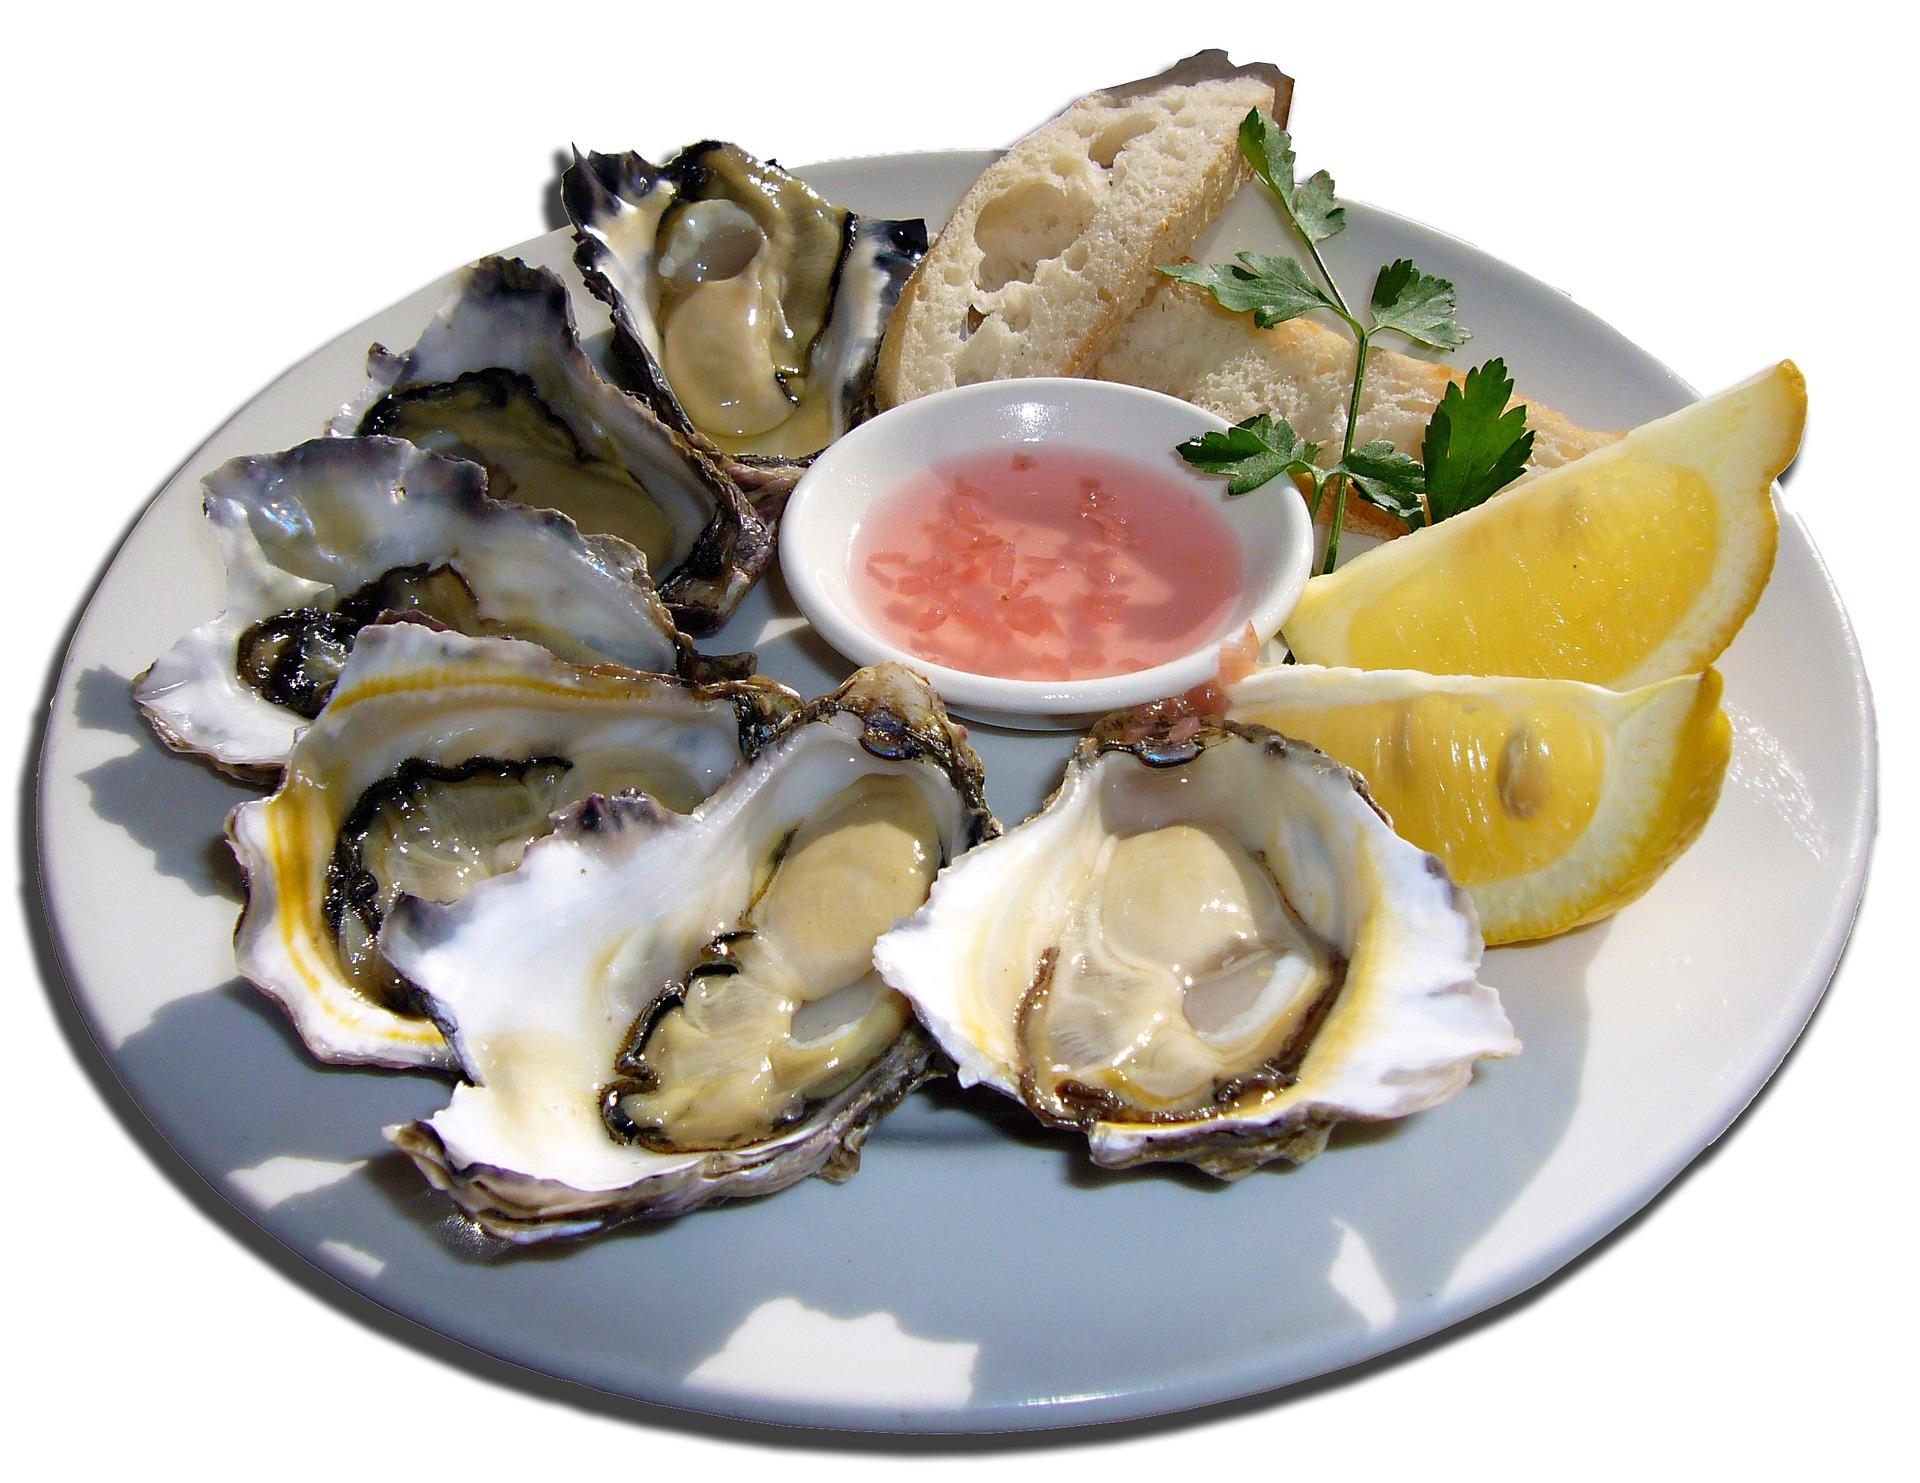 Oysters | joakant pixabay.com